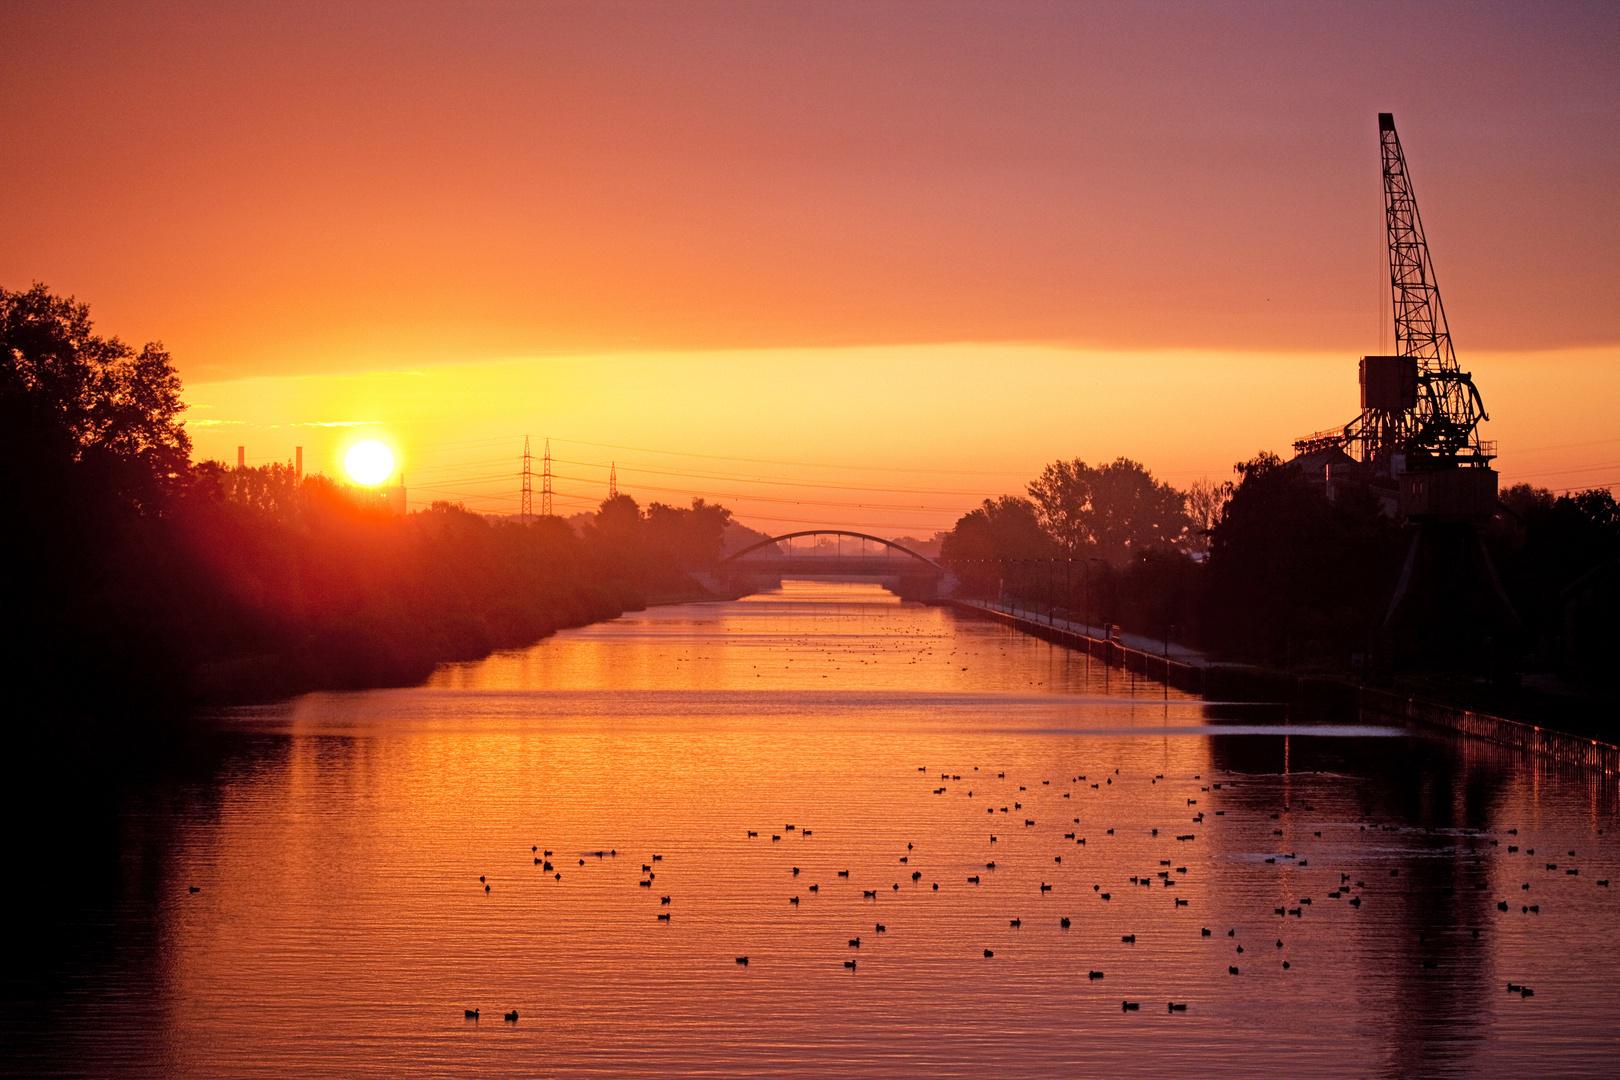 Ein Sonnenaufgang am Mittelland-Kanal...